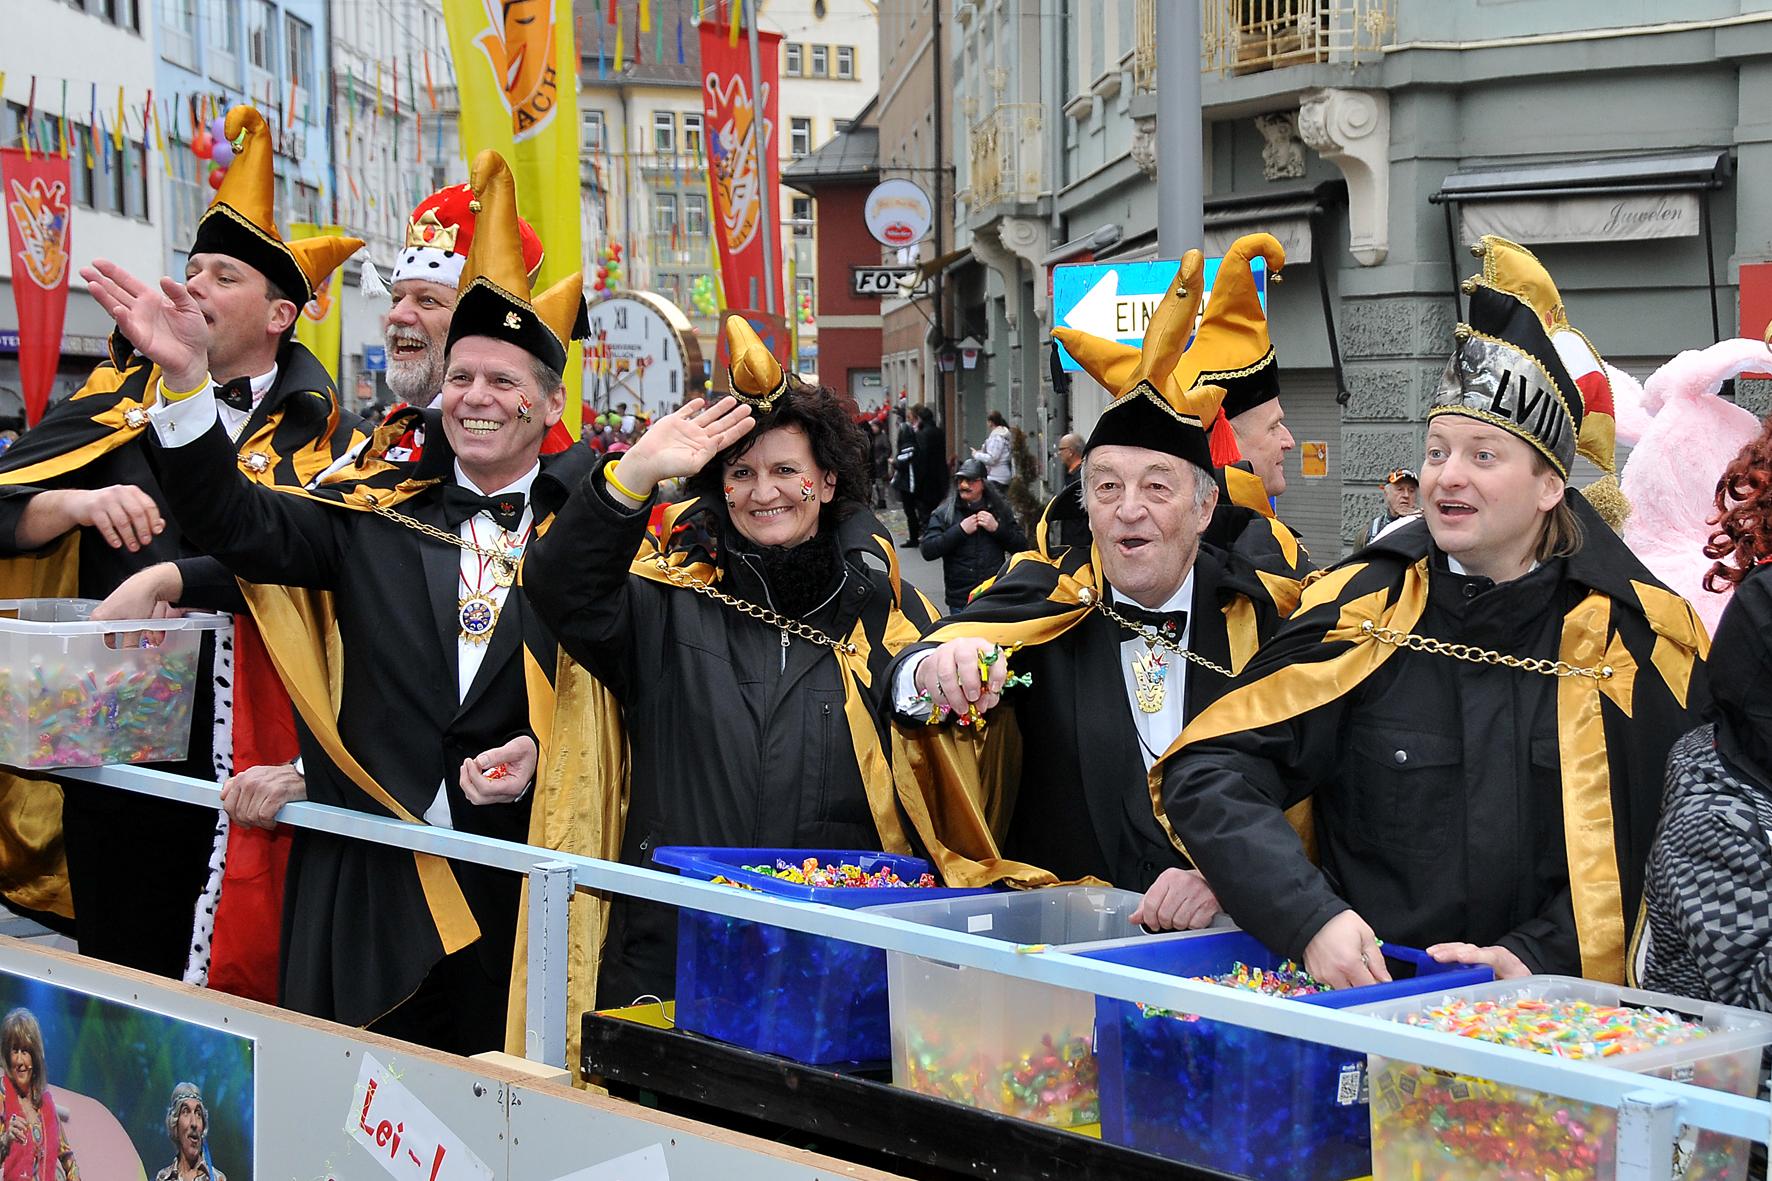 Carnevale Villach, Austria